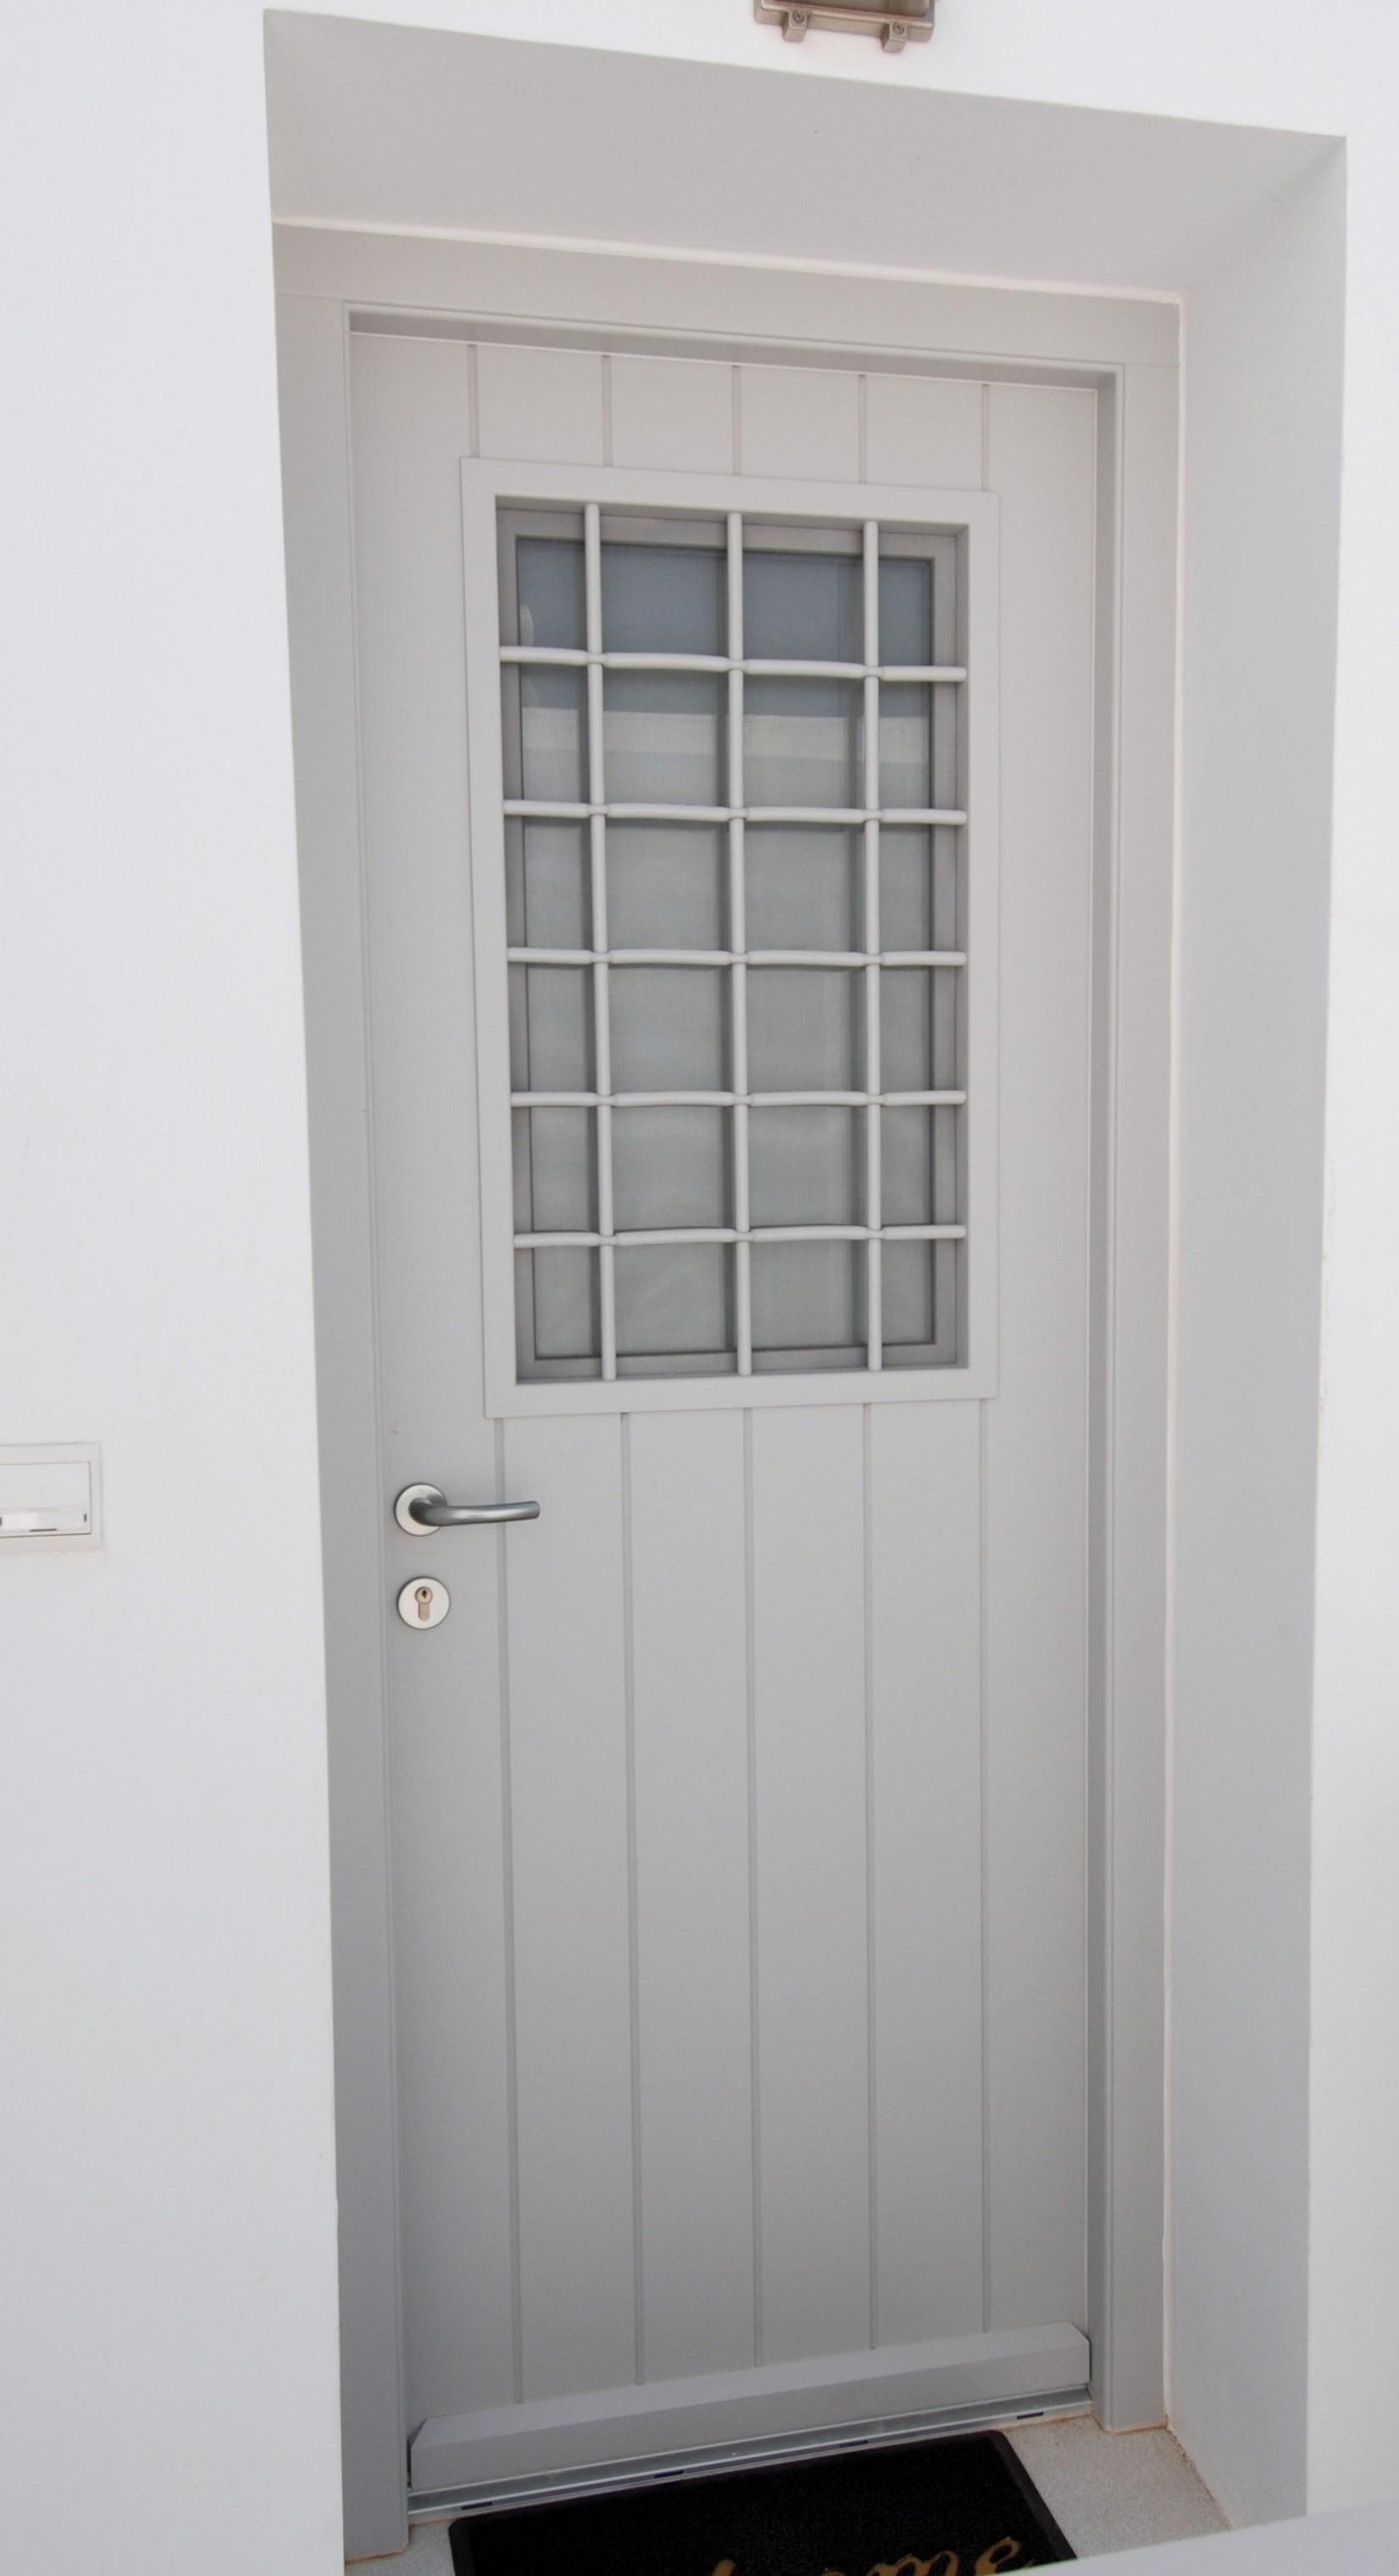 Εξώπορτα ραμποτέ με ανοιγόμενο παράθυρο και σιδεριά καρέ